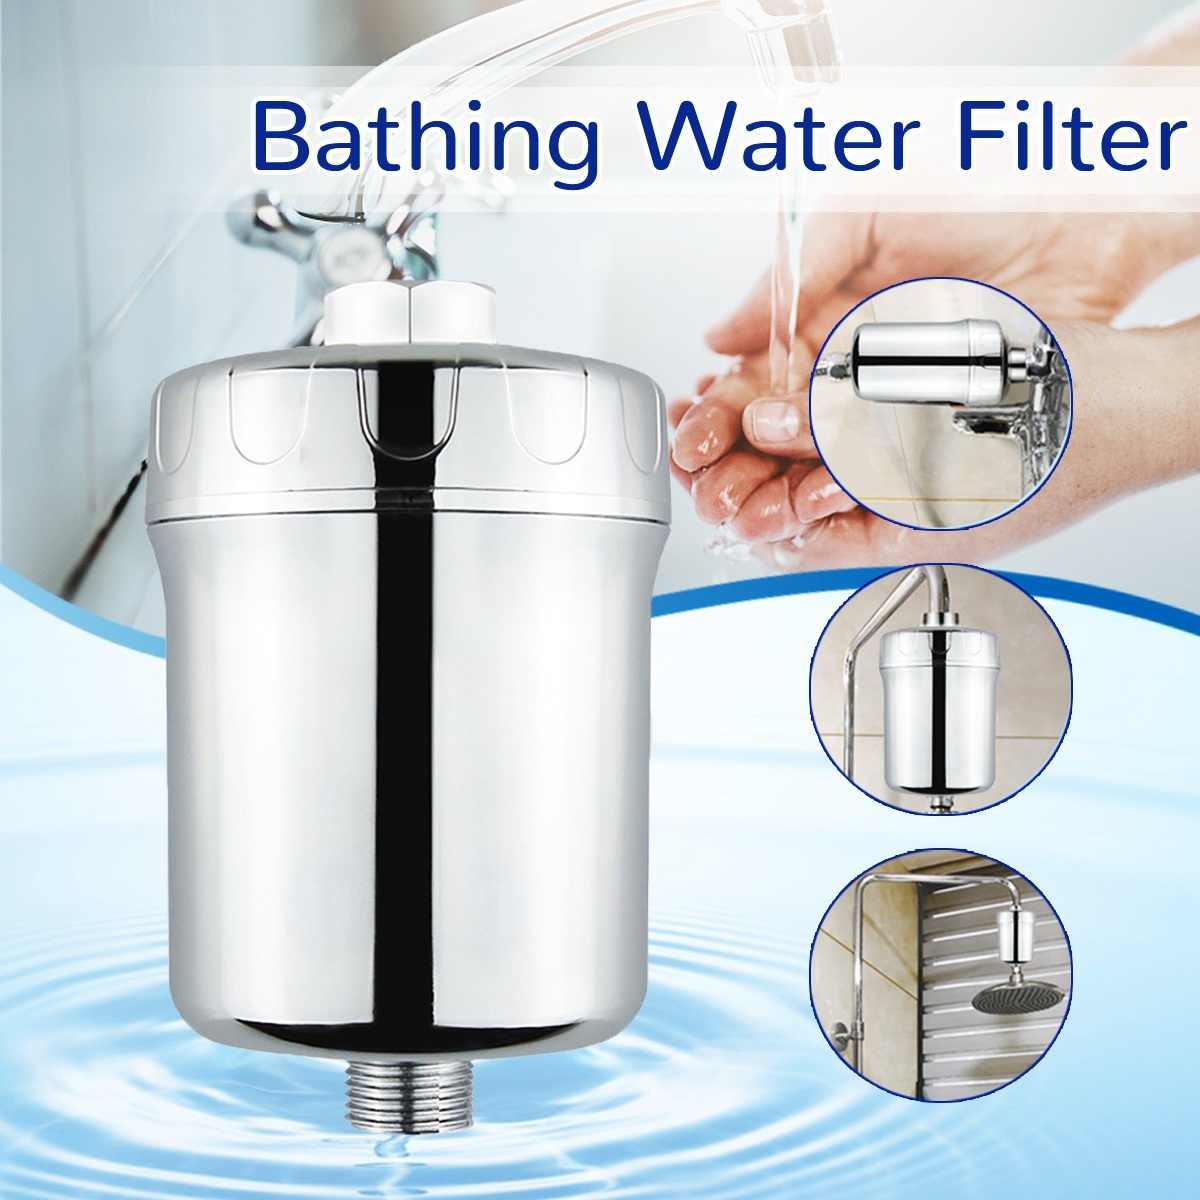 جديد الحمام الرش تصفية المياه الحنفية تنقية تصفية المياه في خط صنبور دش رئيس المطبخ المنقي إزالة الكلور